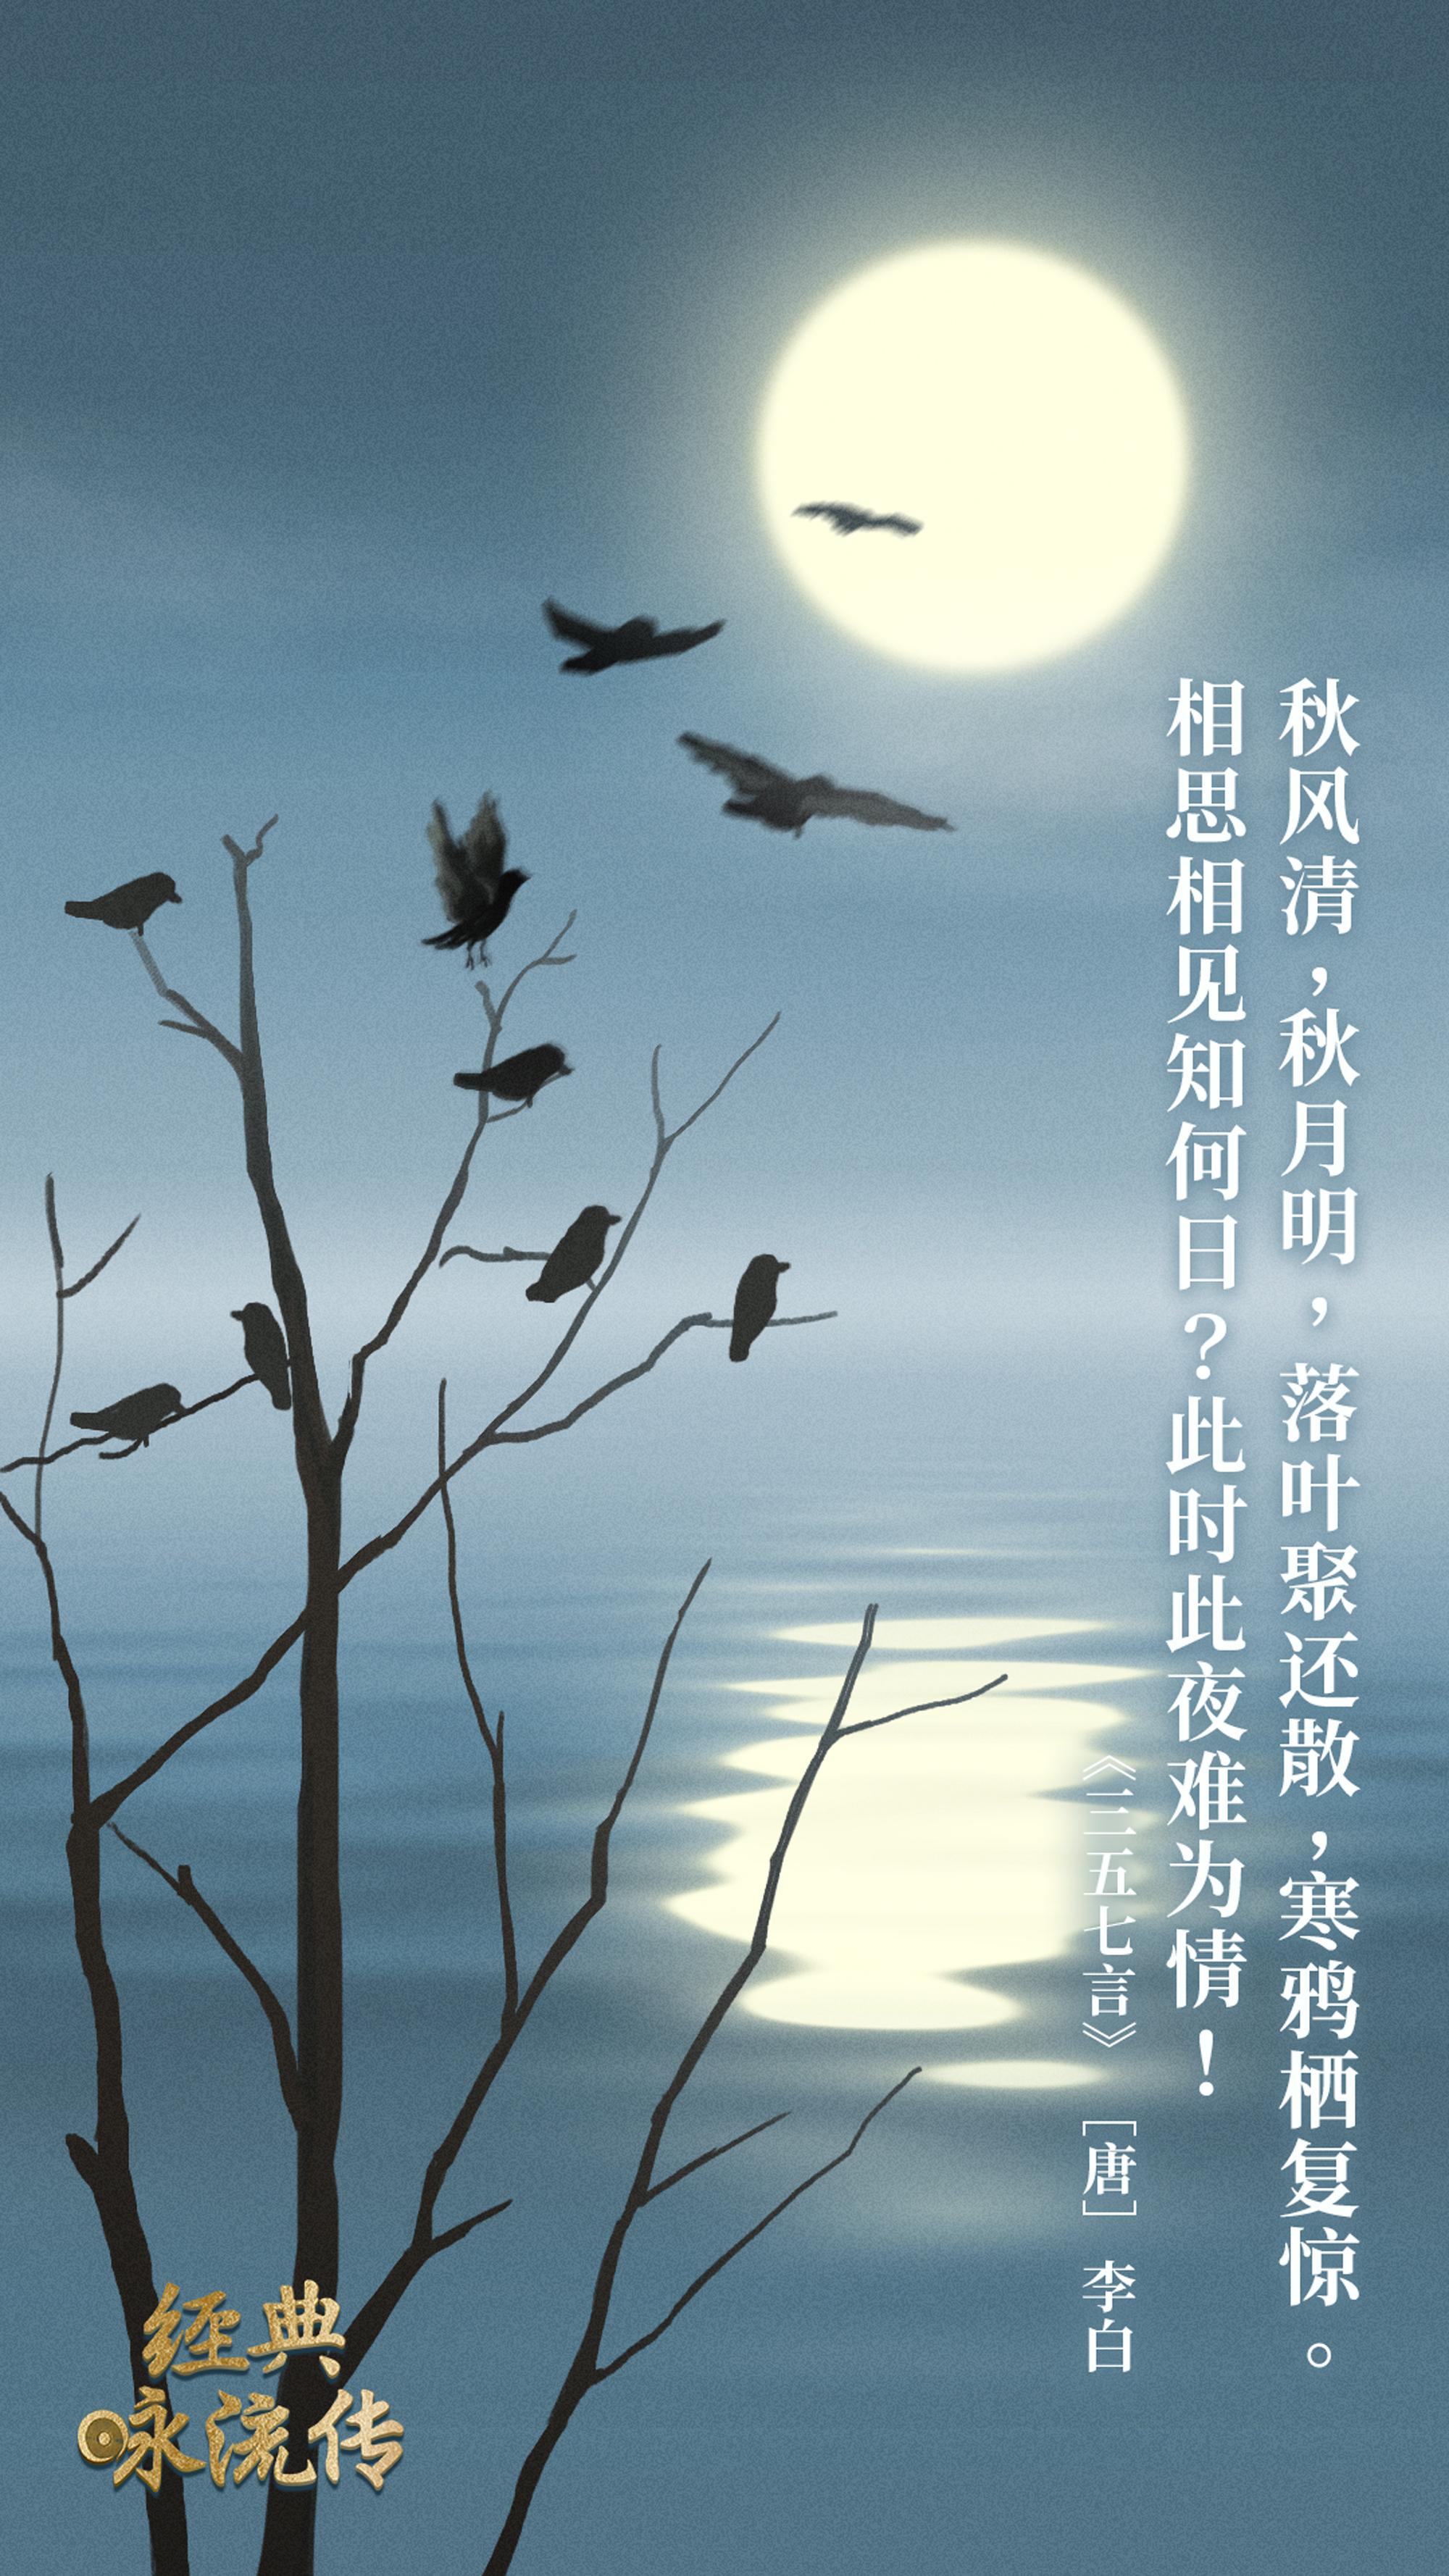 《经典咏流传》诗词意境海报合集 欣赏-第40张